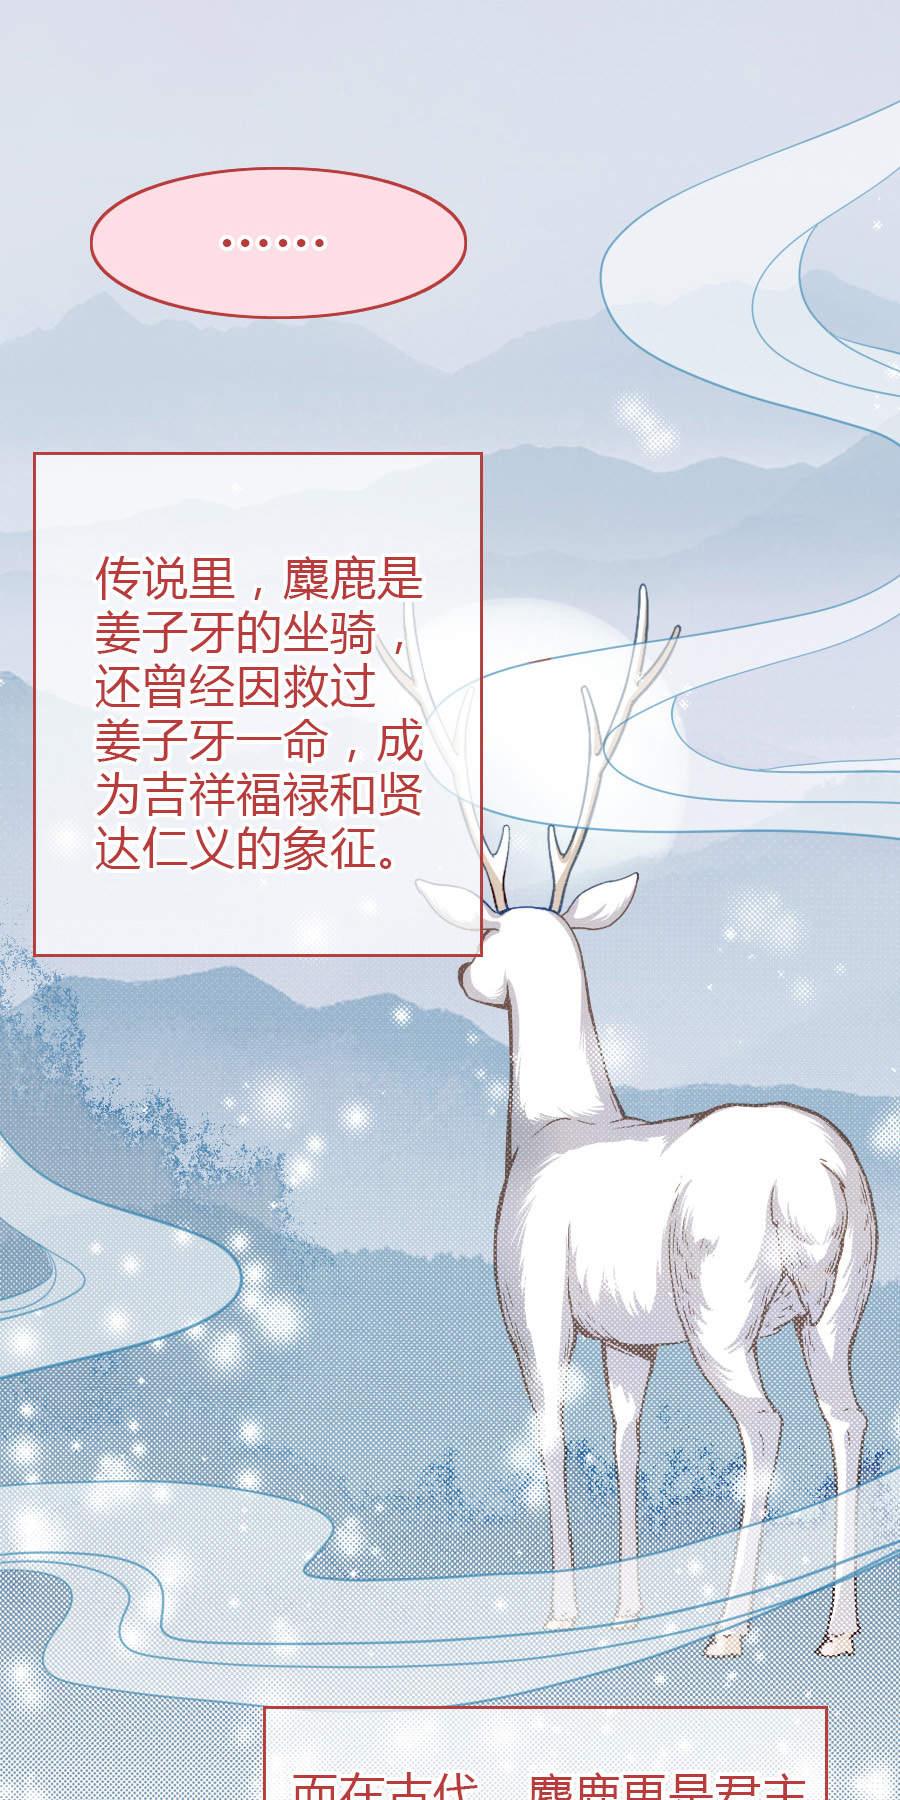 少年游第15话  麋鹿呀麋鹿 告白💗 第 26